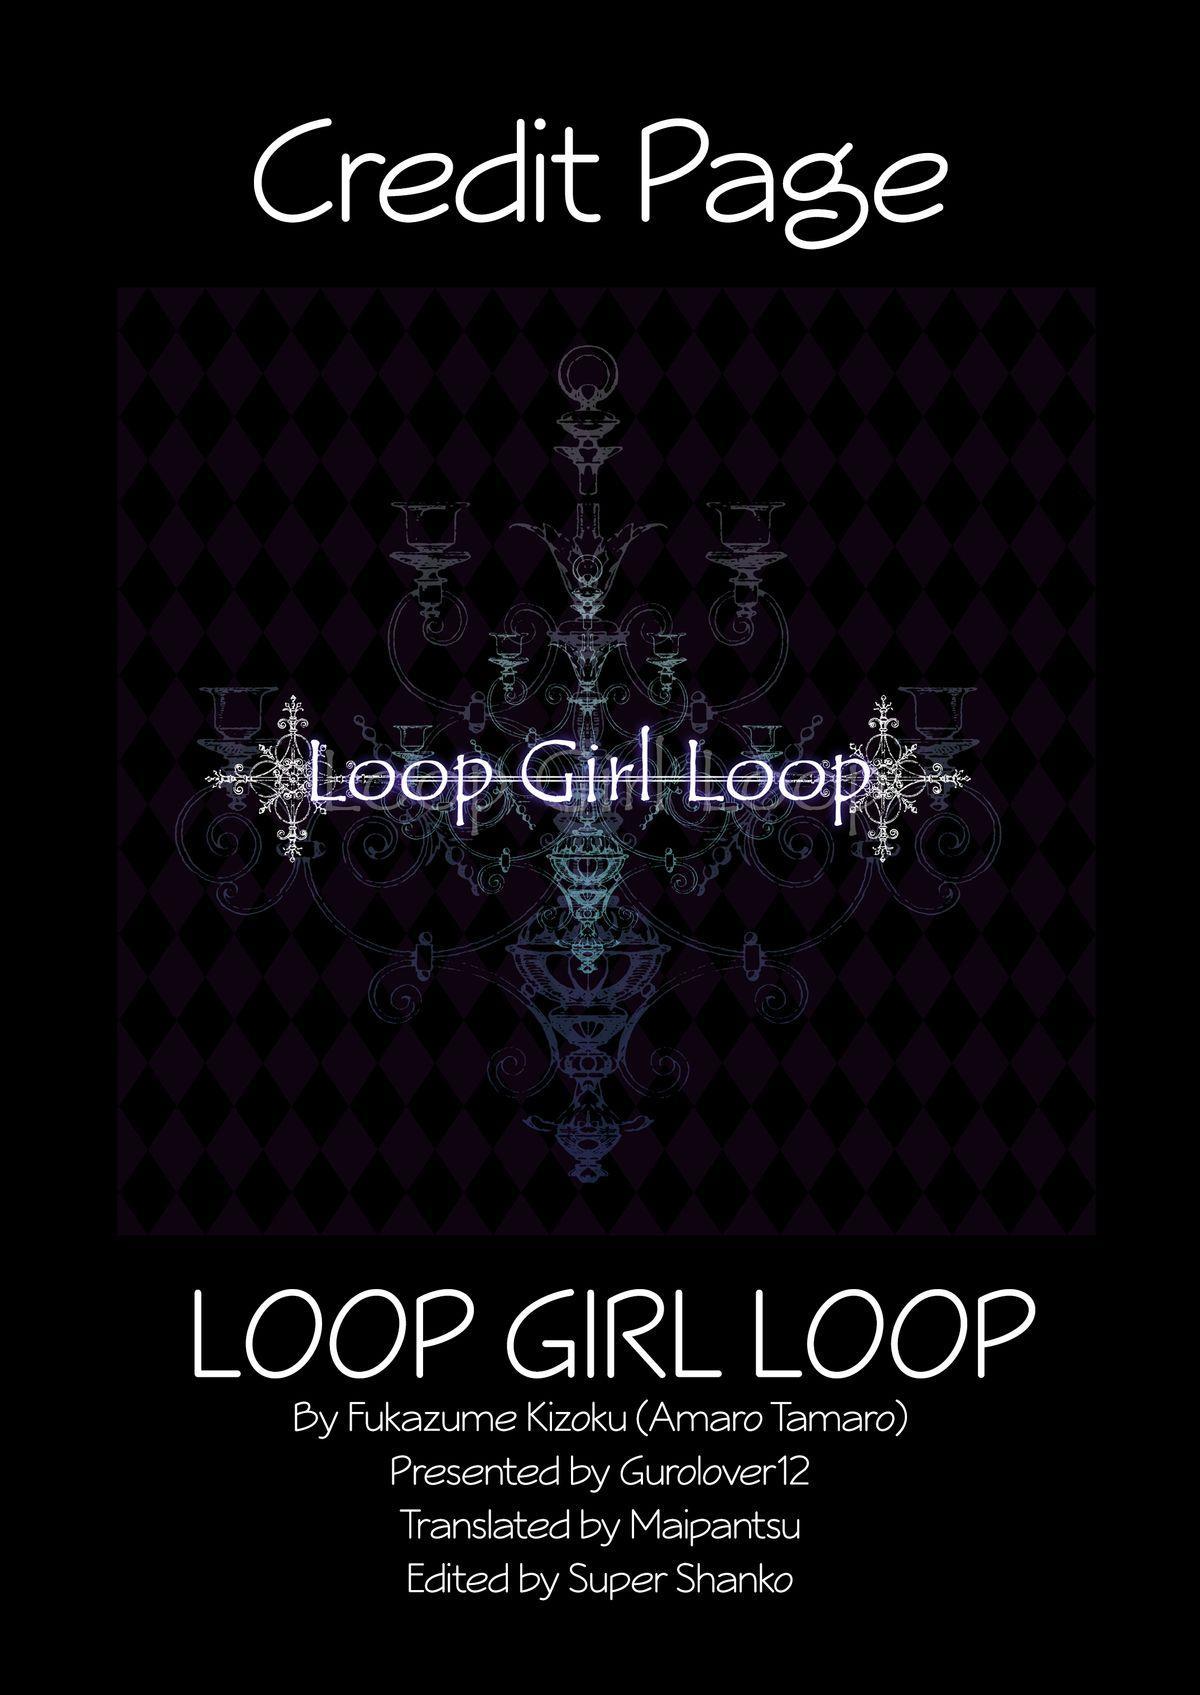 LOOP GIRL LOOP 21